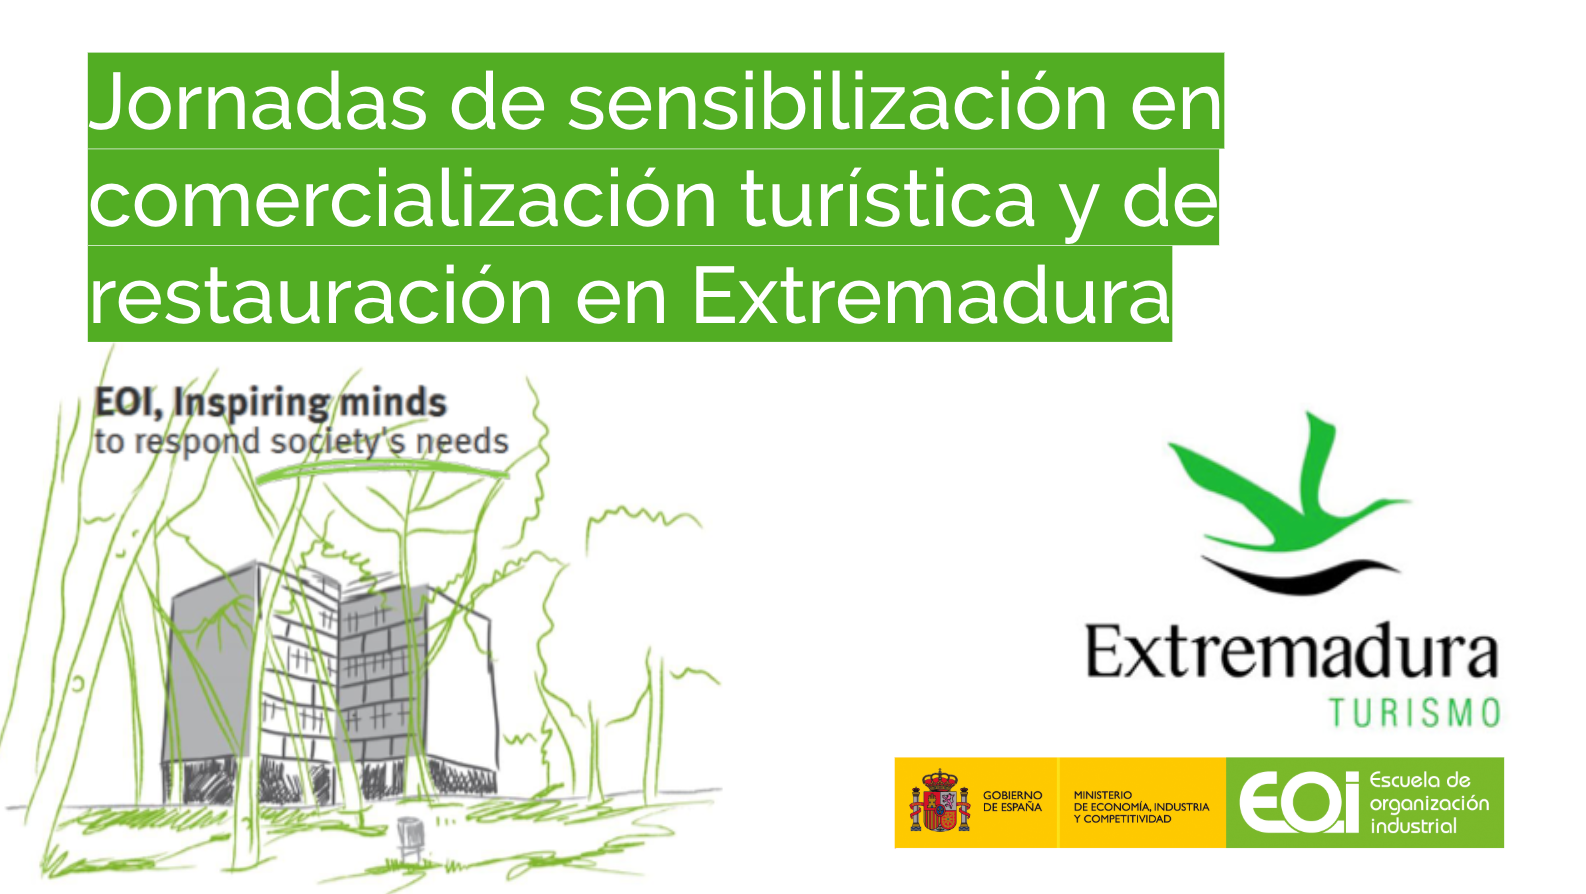 Jornadas de innovación y turismo Extremadura